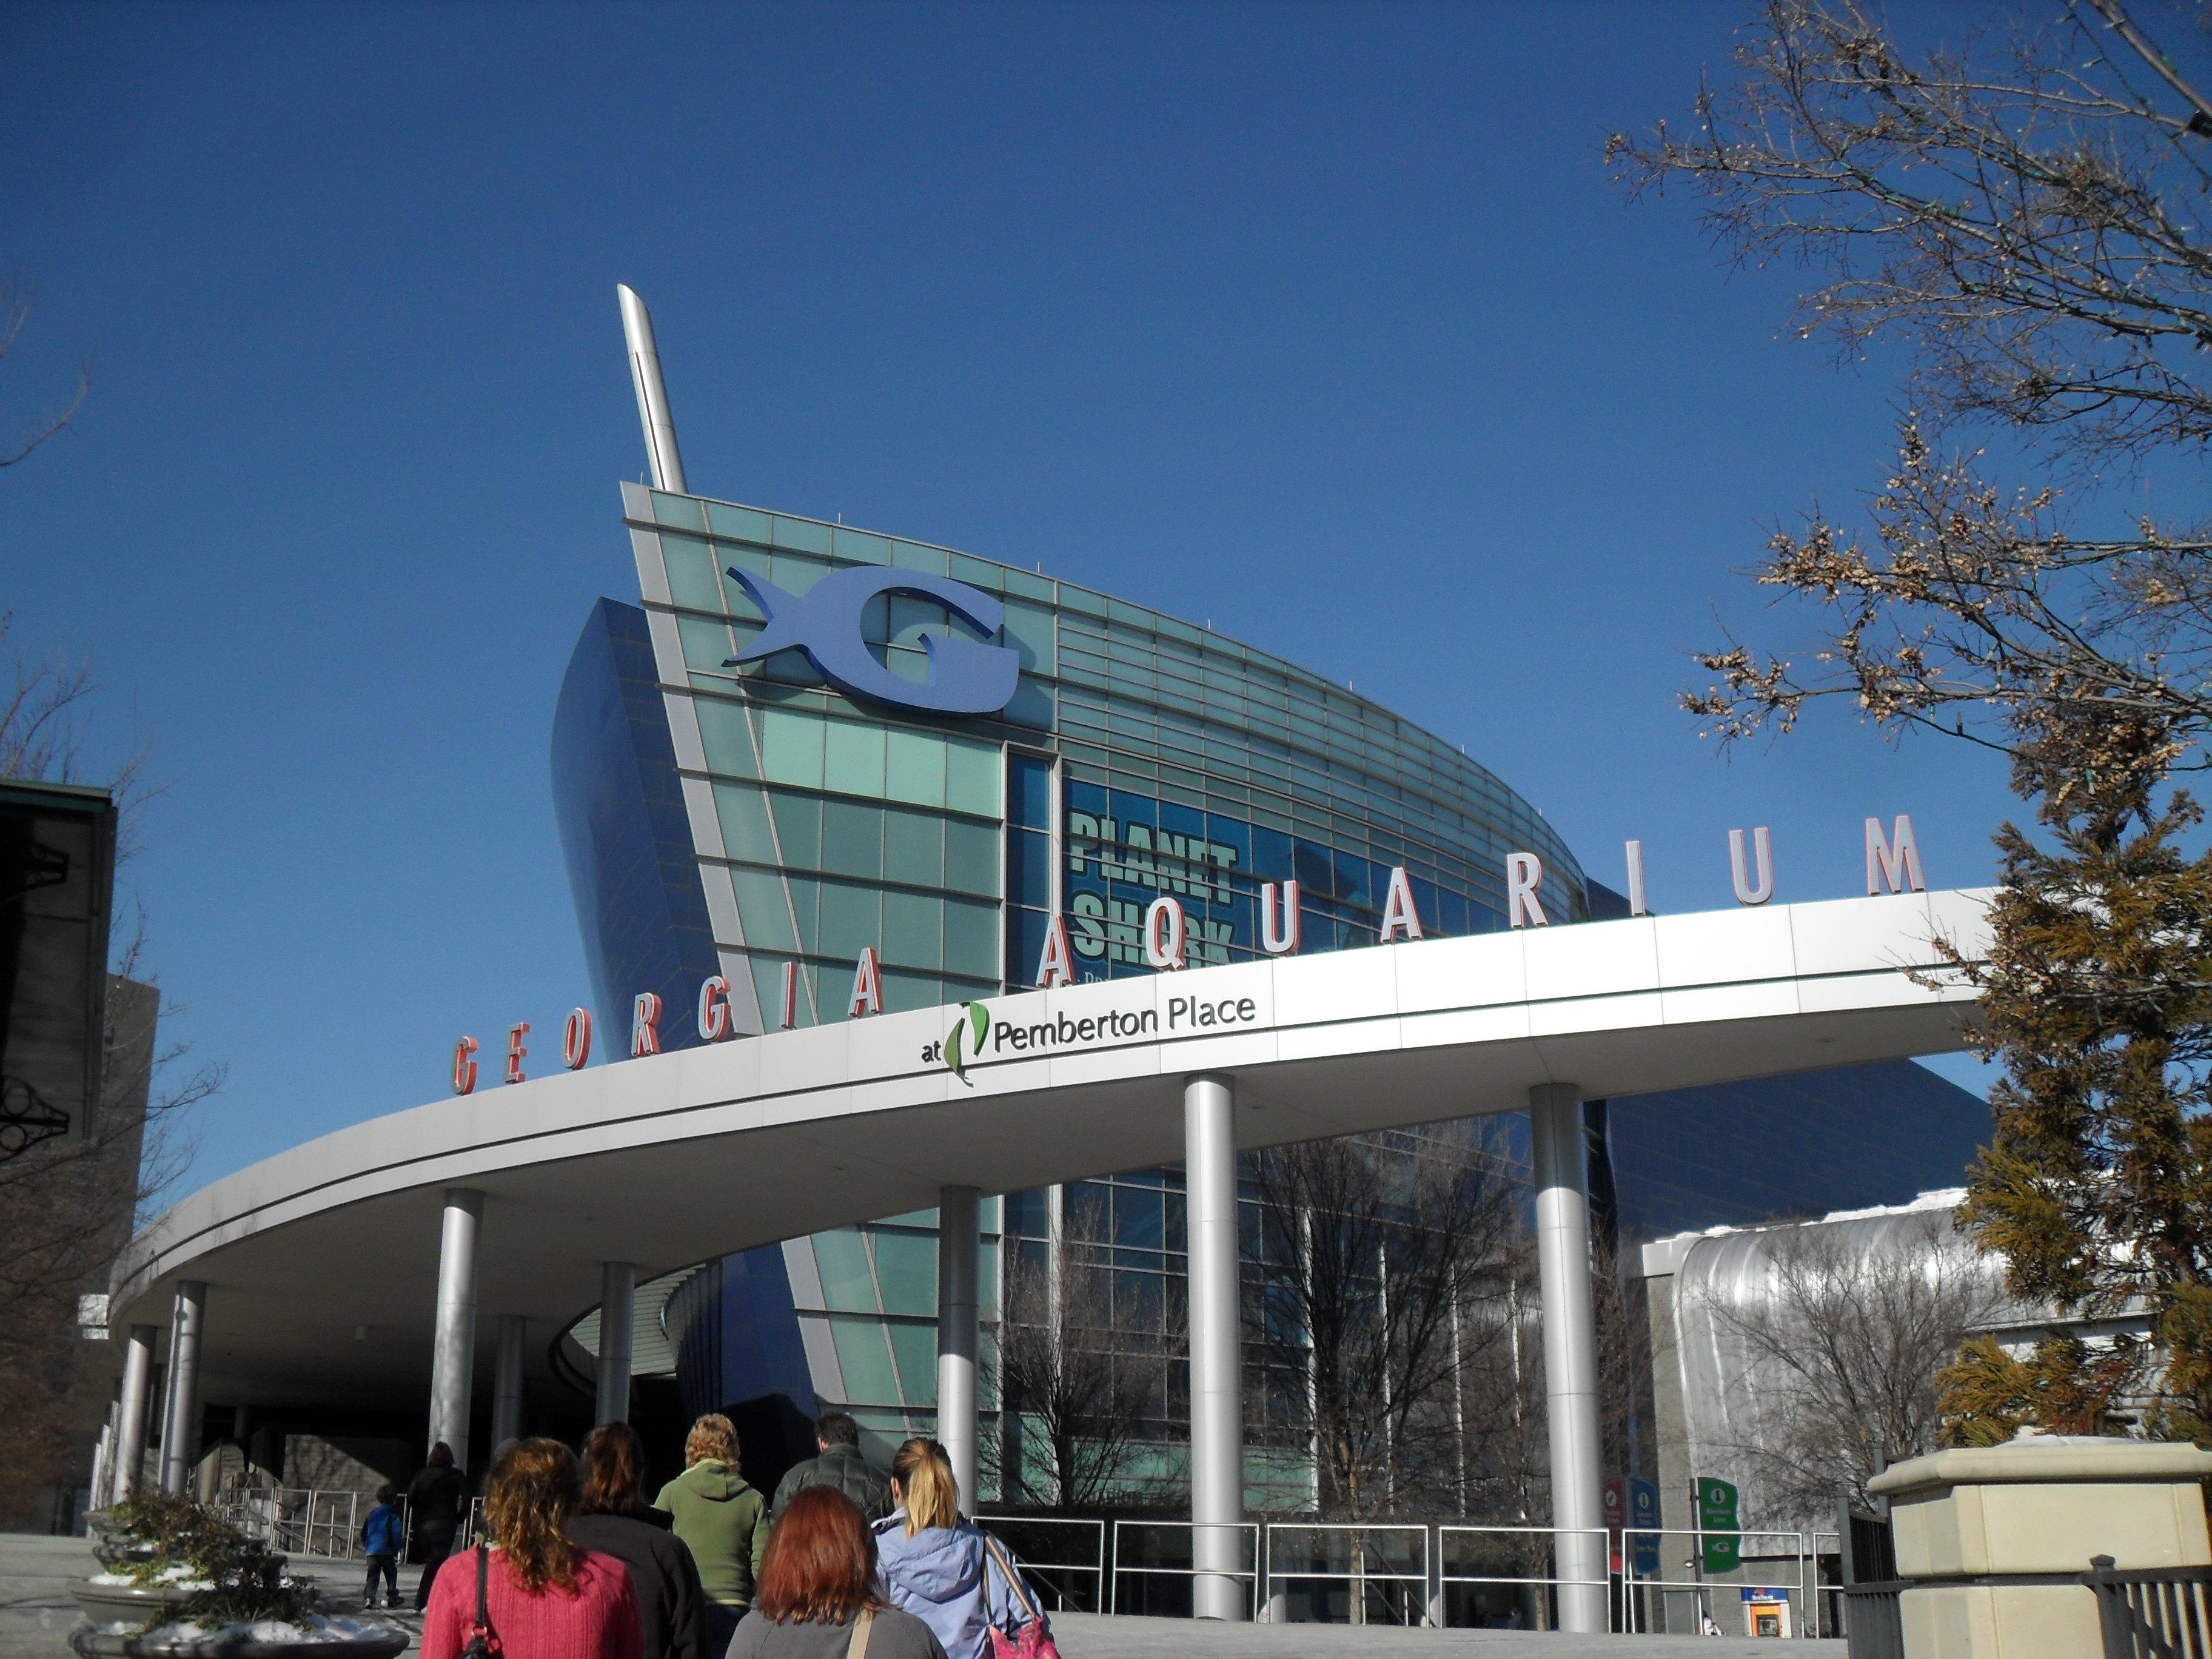 Aquariums Rebecca Heisman